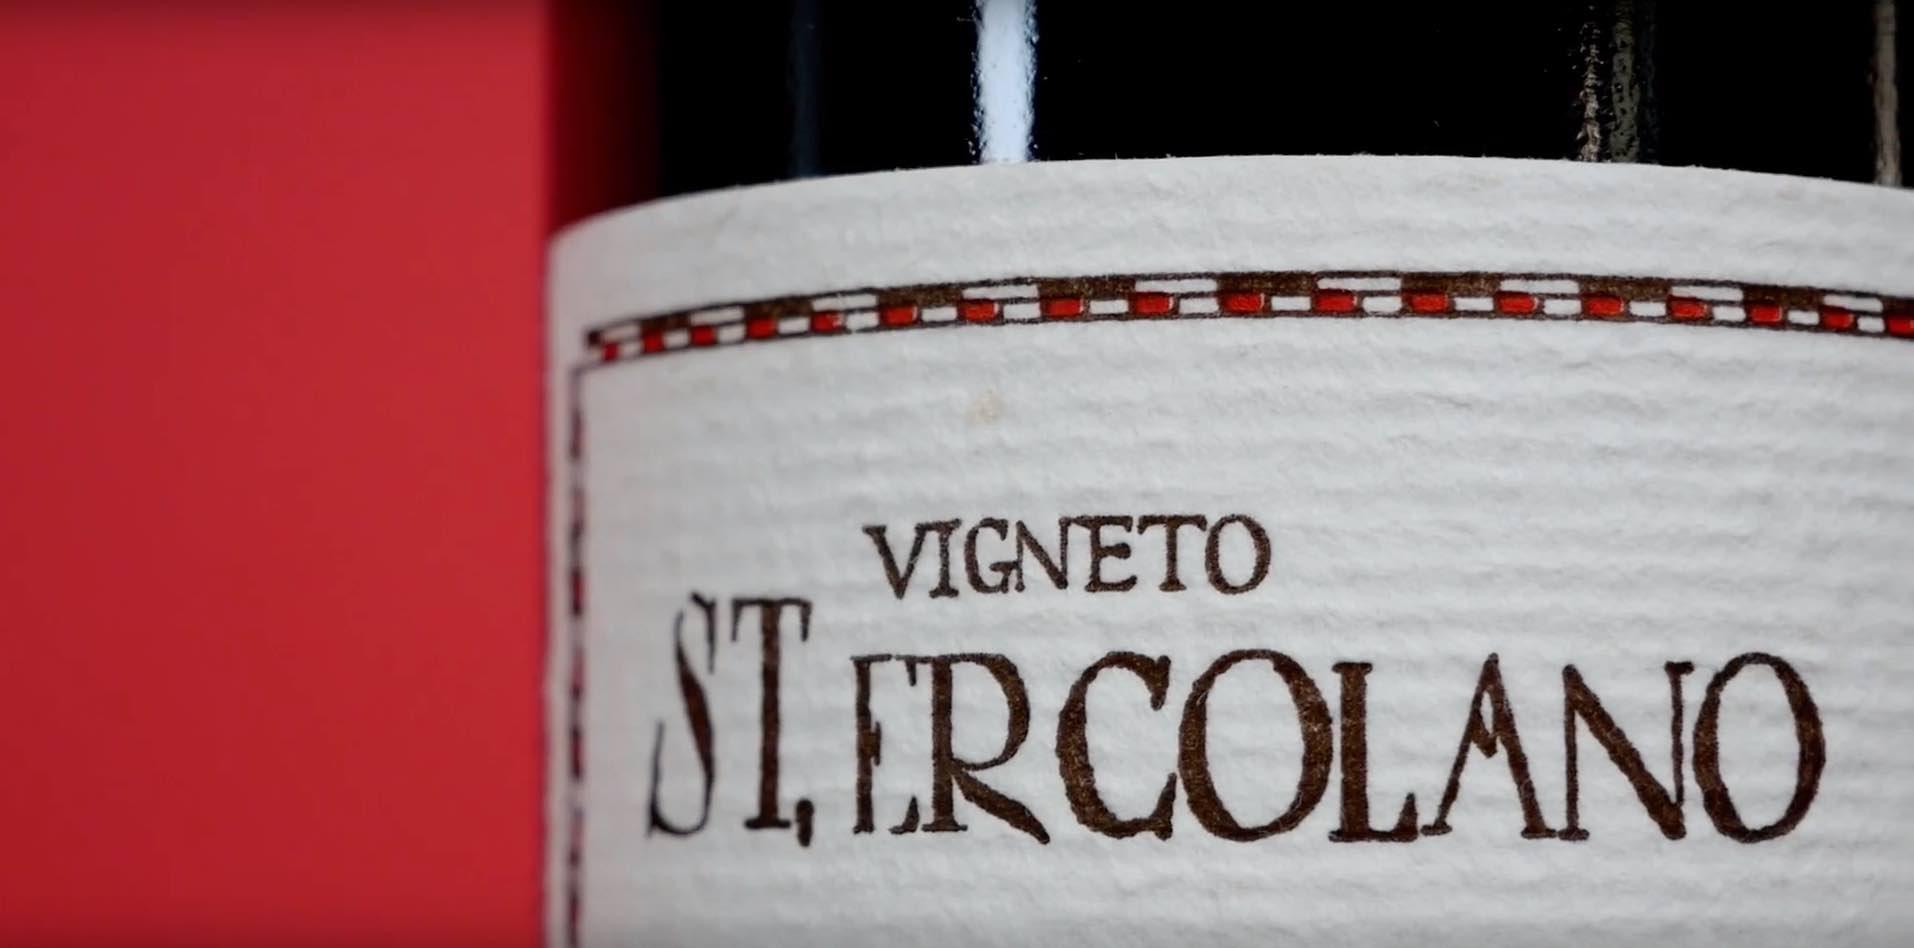 Wine Tasting - St. Ercolano D.O.C.G.